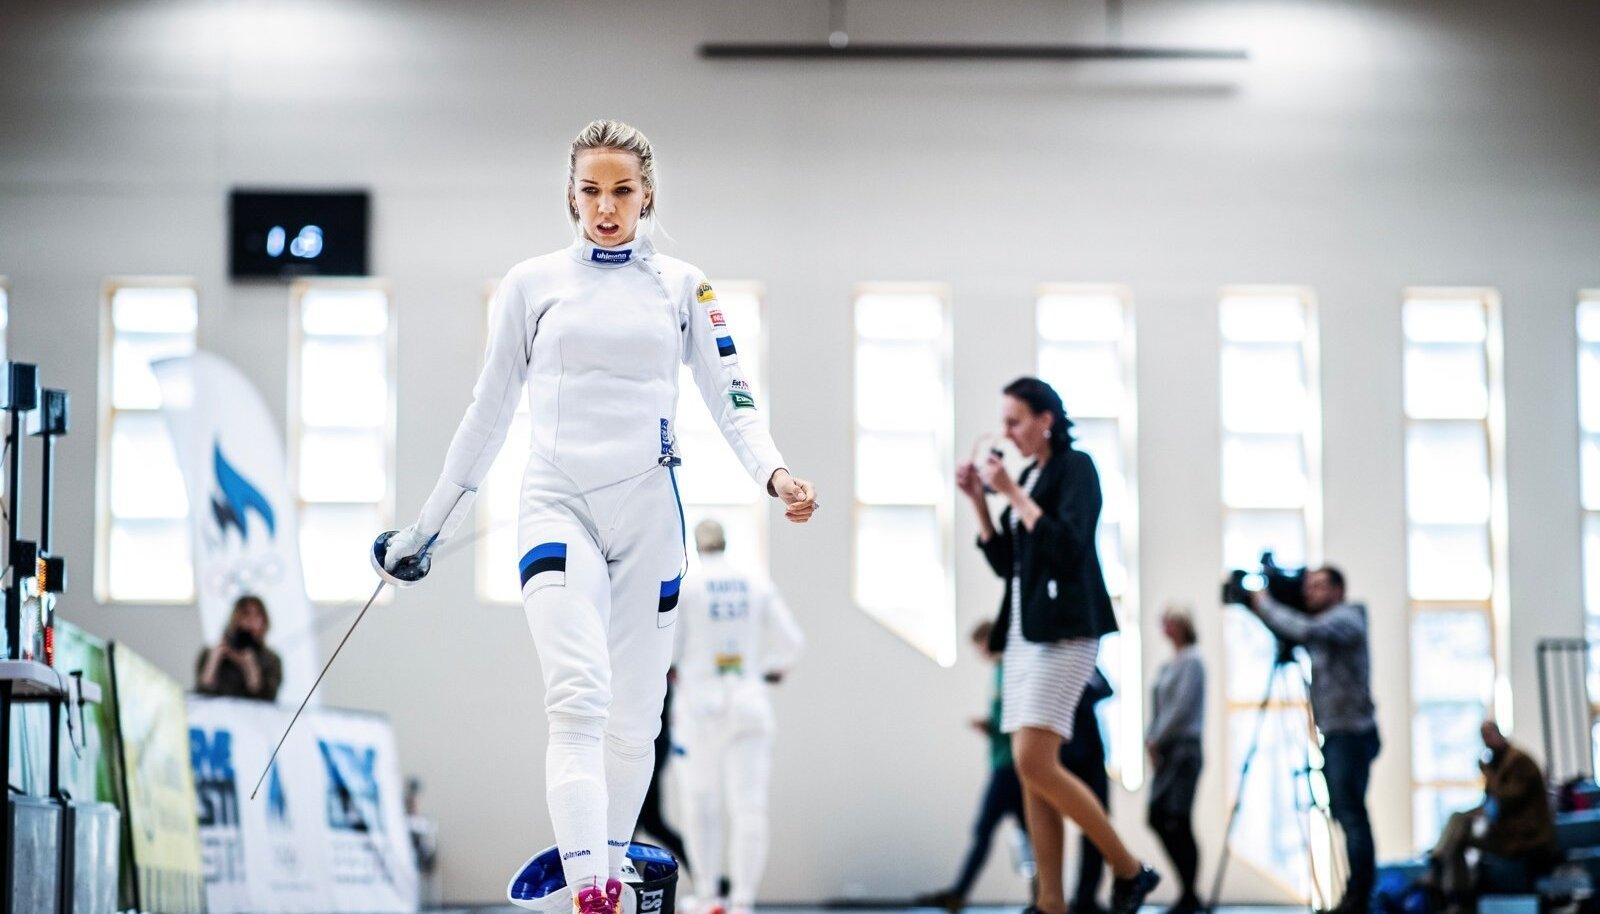 Sõle spordihallis toimusid Eesti epeevehklemise meistrivõistlused. 21.04.2018